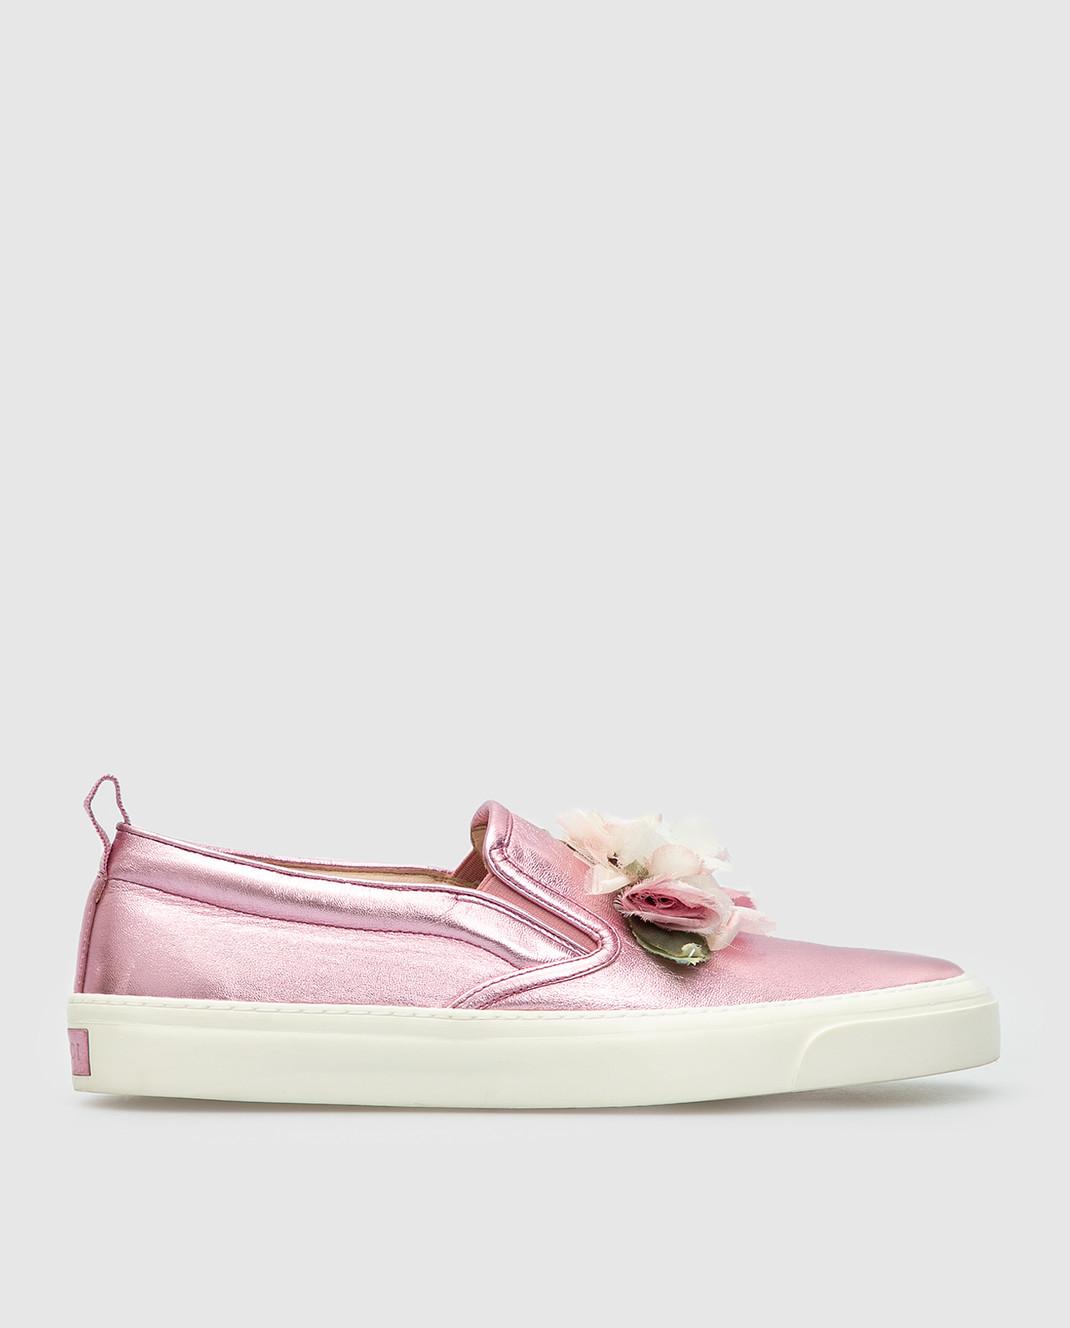 Gucci Розовые кожаные слипоны 414990